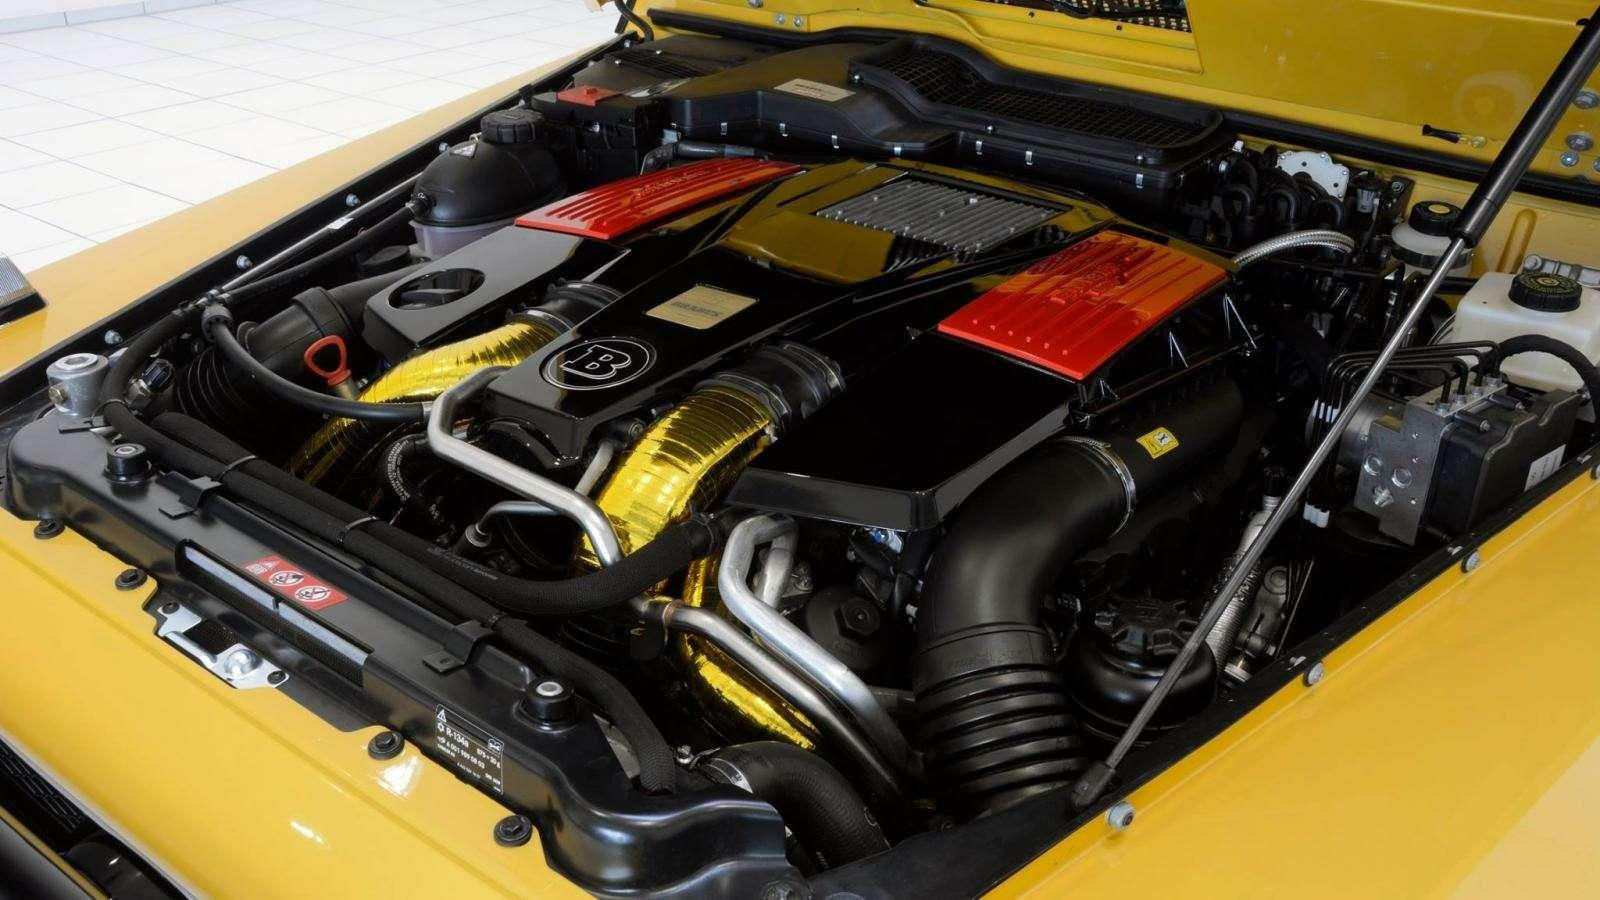 Brabus-такси: желтый Mercedes-AMG G63 готов «бомбить» поавтобанам— фото 577303